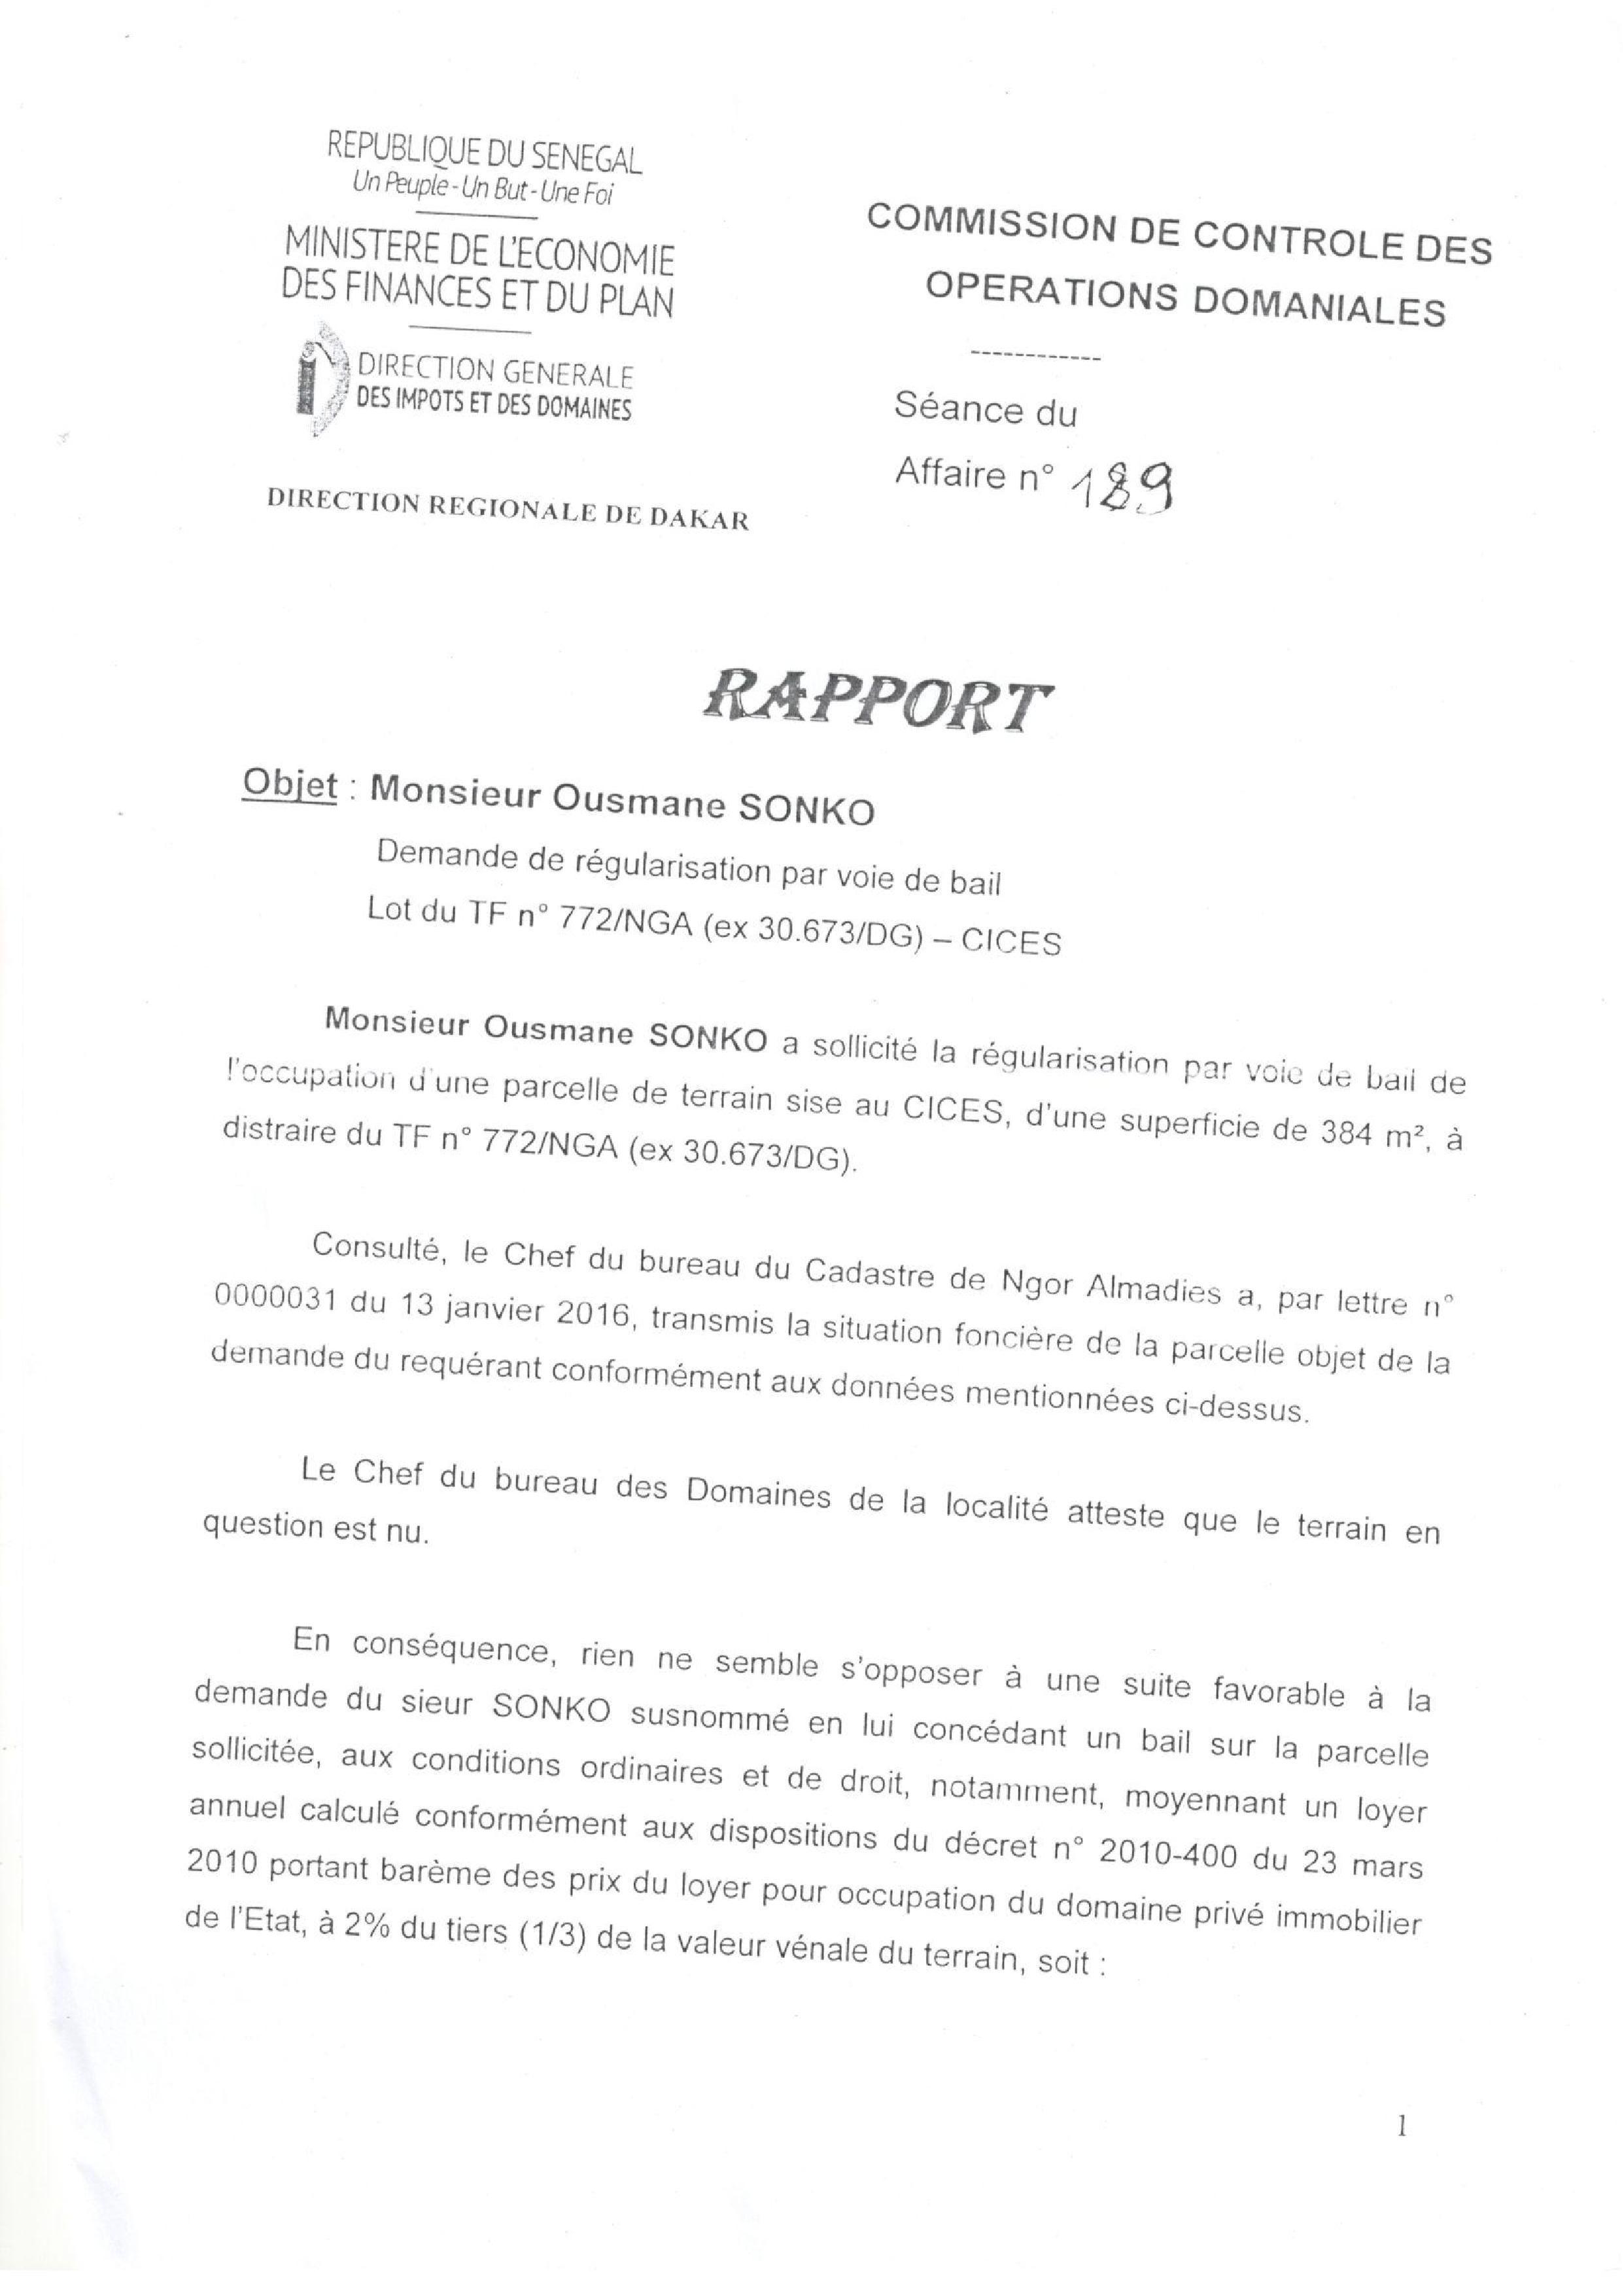 Demande de régularisation par voie de bail : Les parcelles du lotissement du CICES, 13 592 NGA (Ex TF 6226 DG), 772/NGA ex (30 673/DG) trahissent Ousmane Sonko